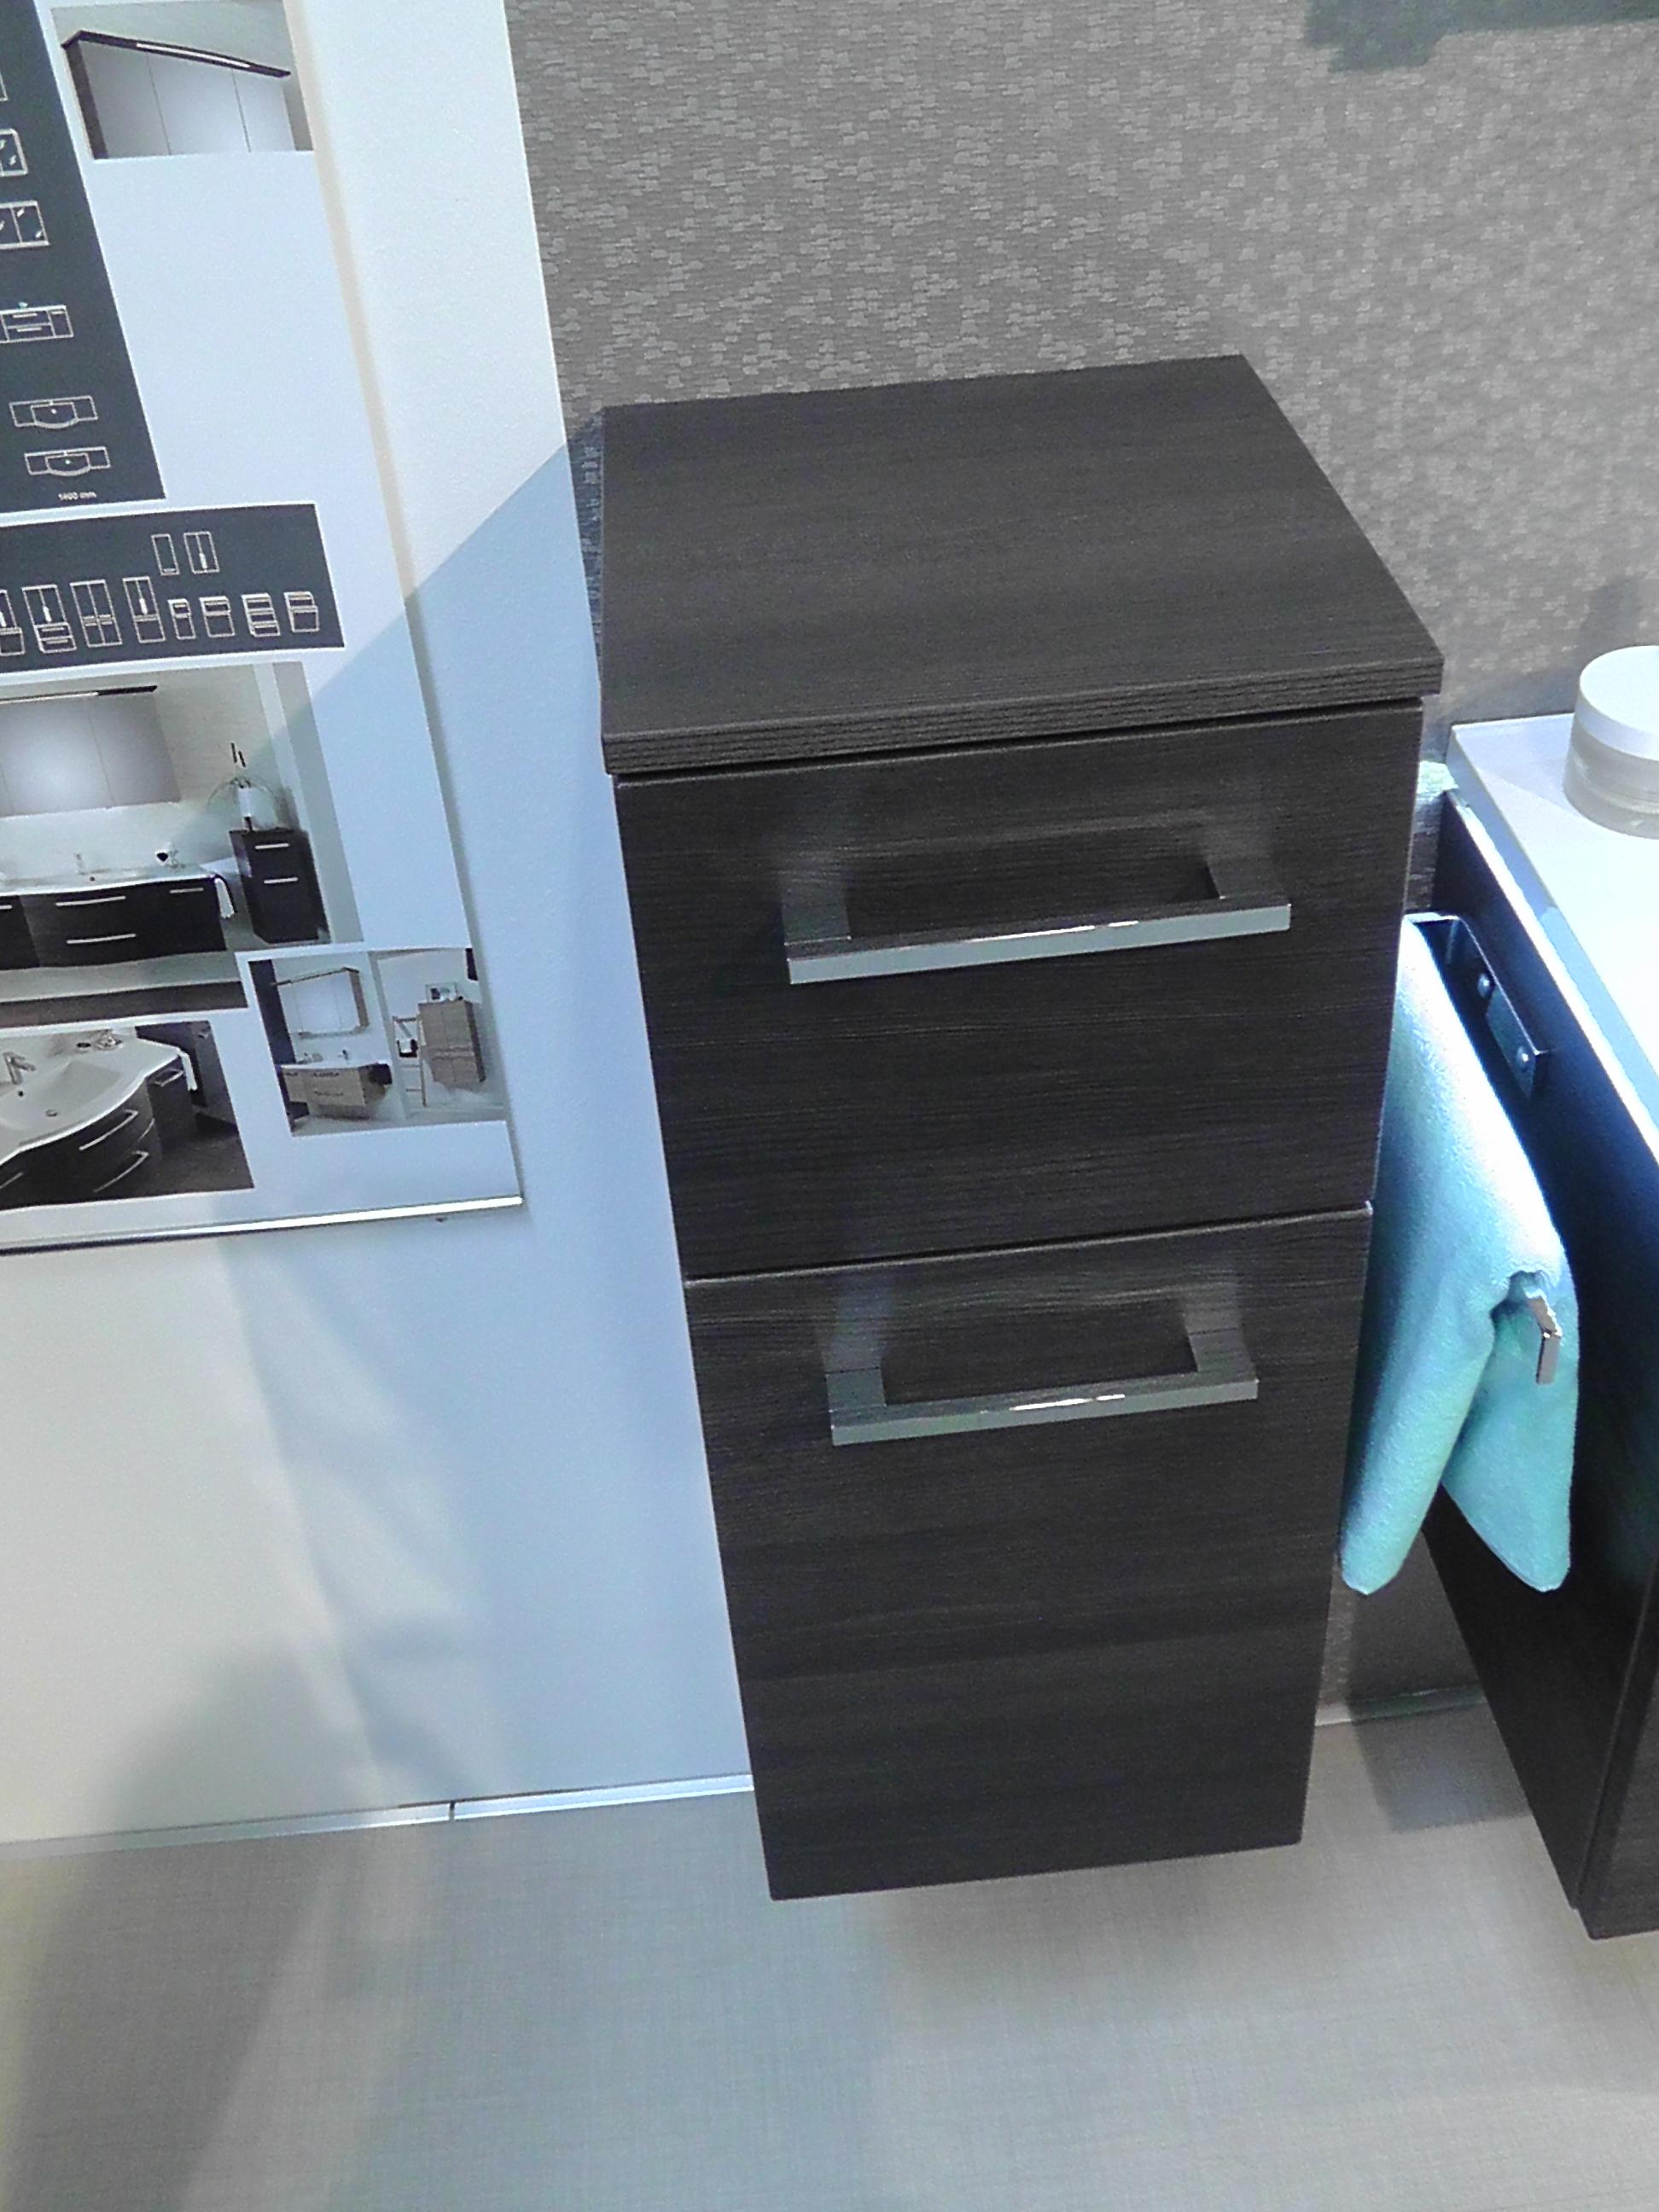 highboard lunic badschrank g nstig arcom center. Black Bedroom Furniture Sets. Home Design Ideas